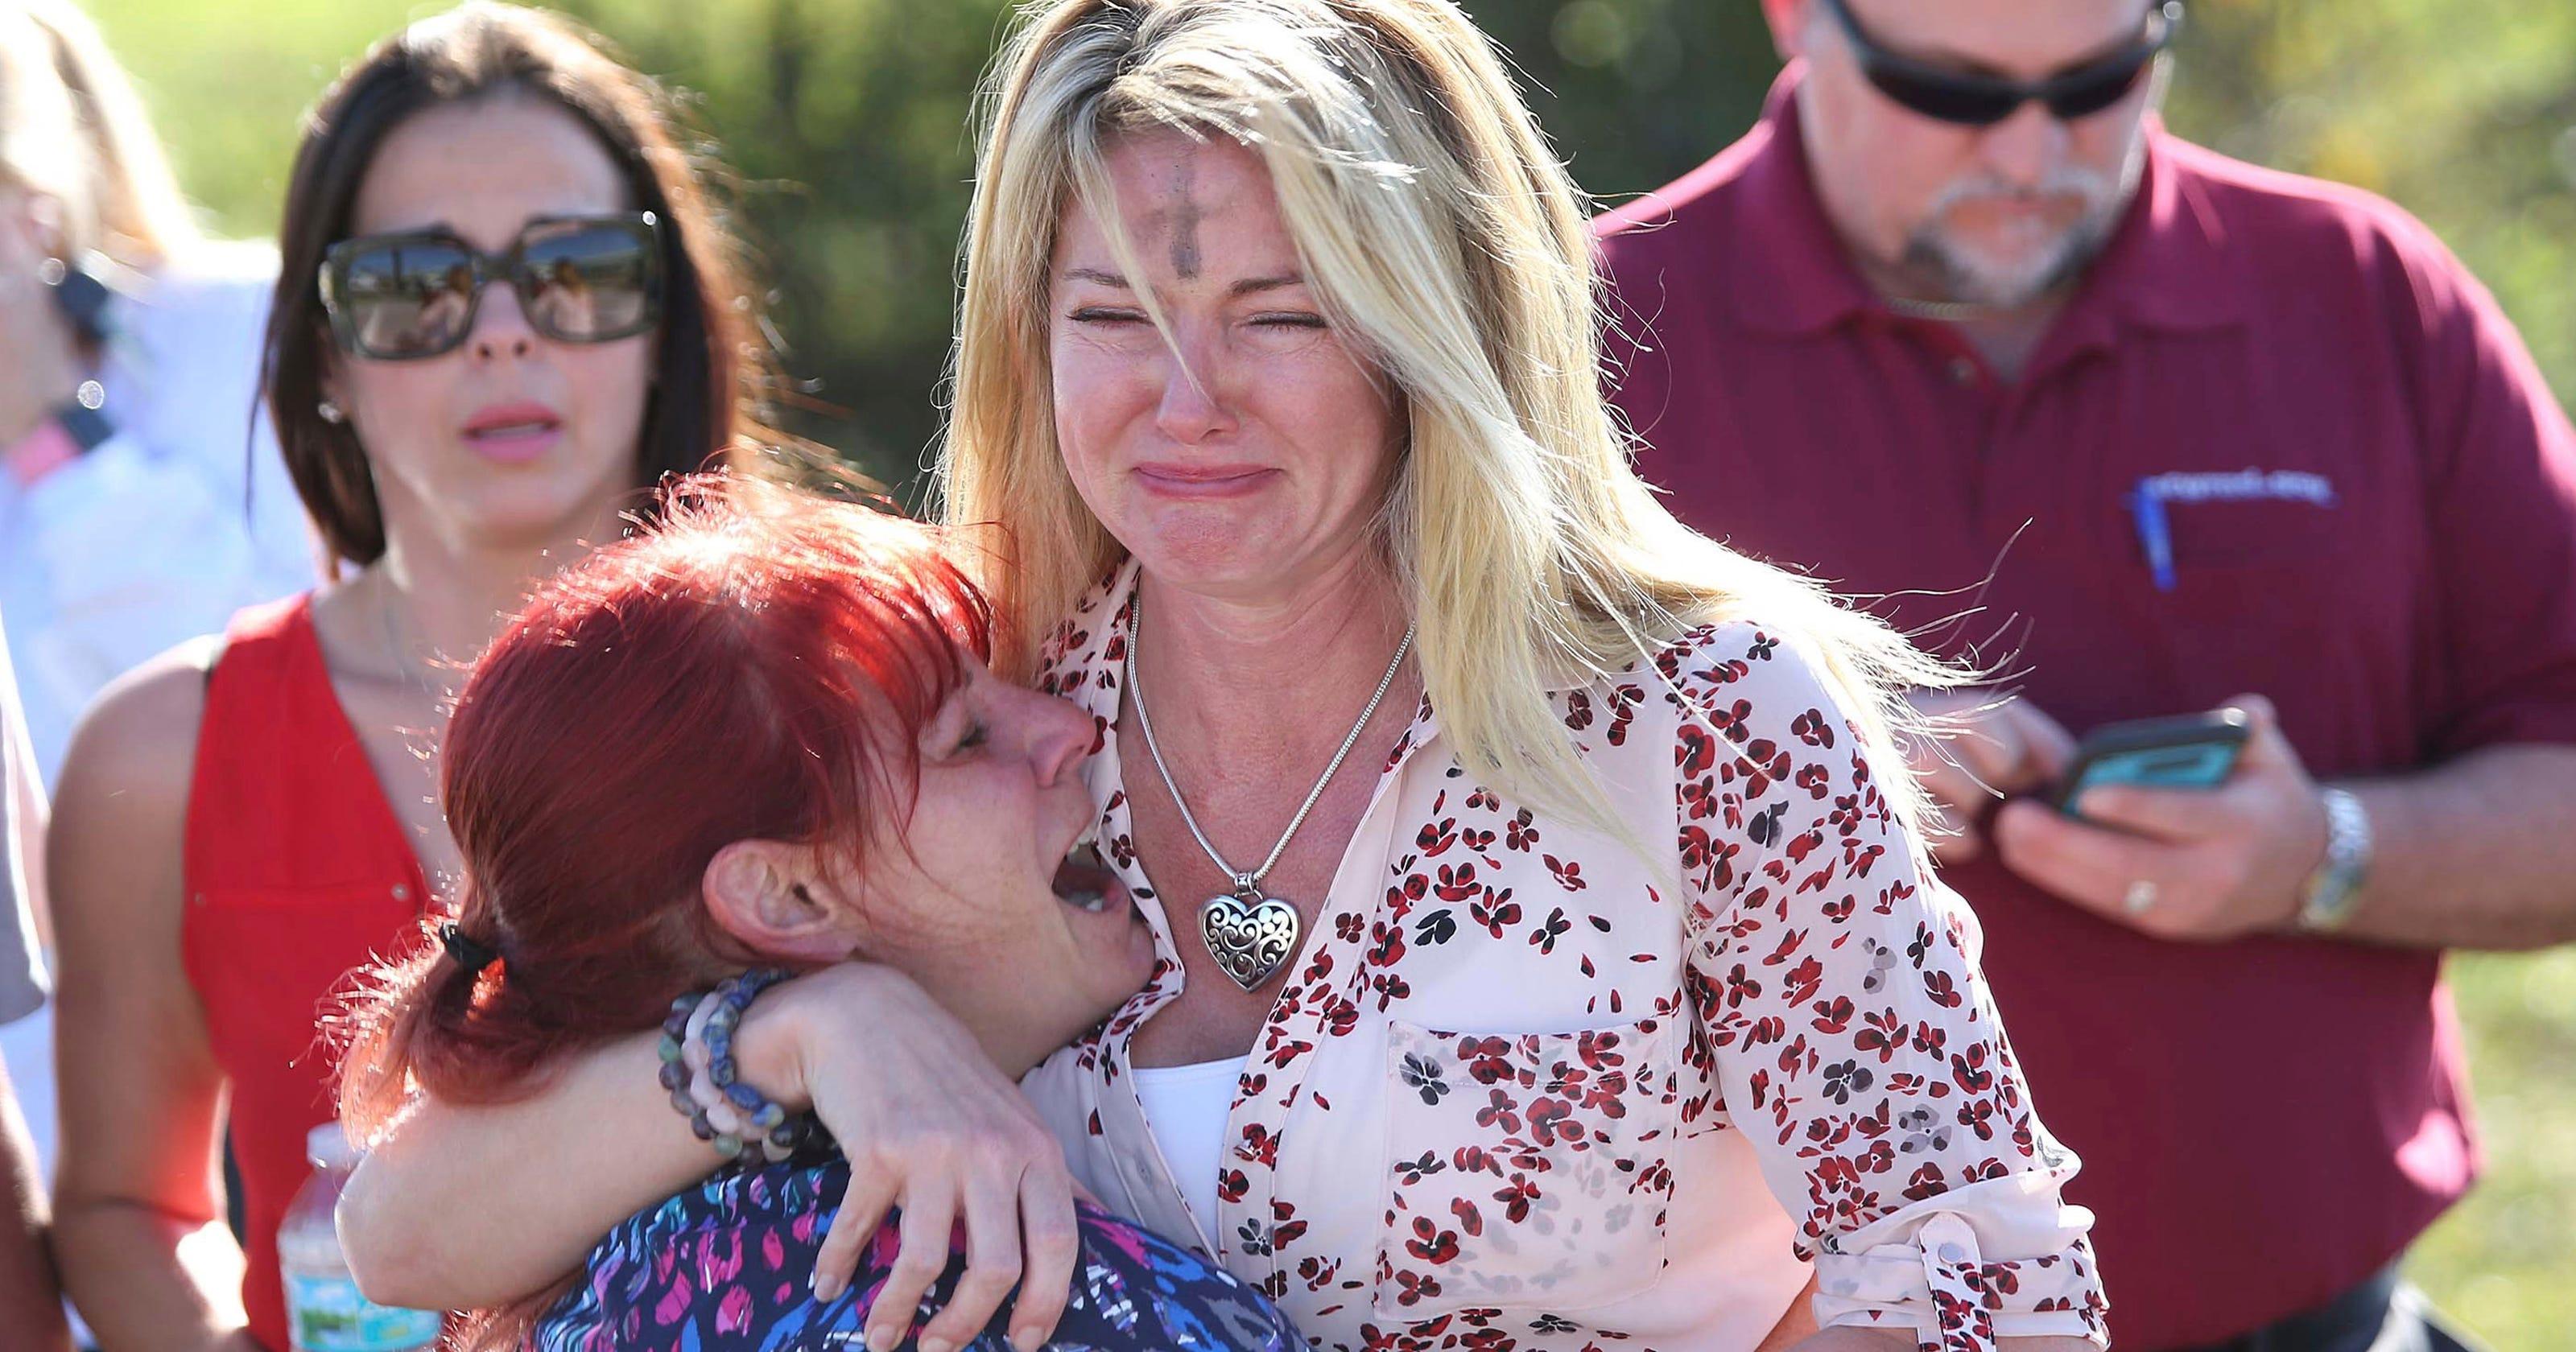 Florida shooting: Survivors of Marshall County shooting on latest